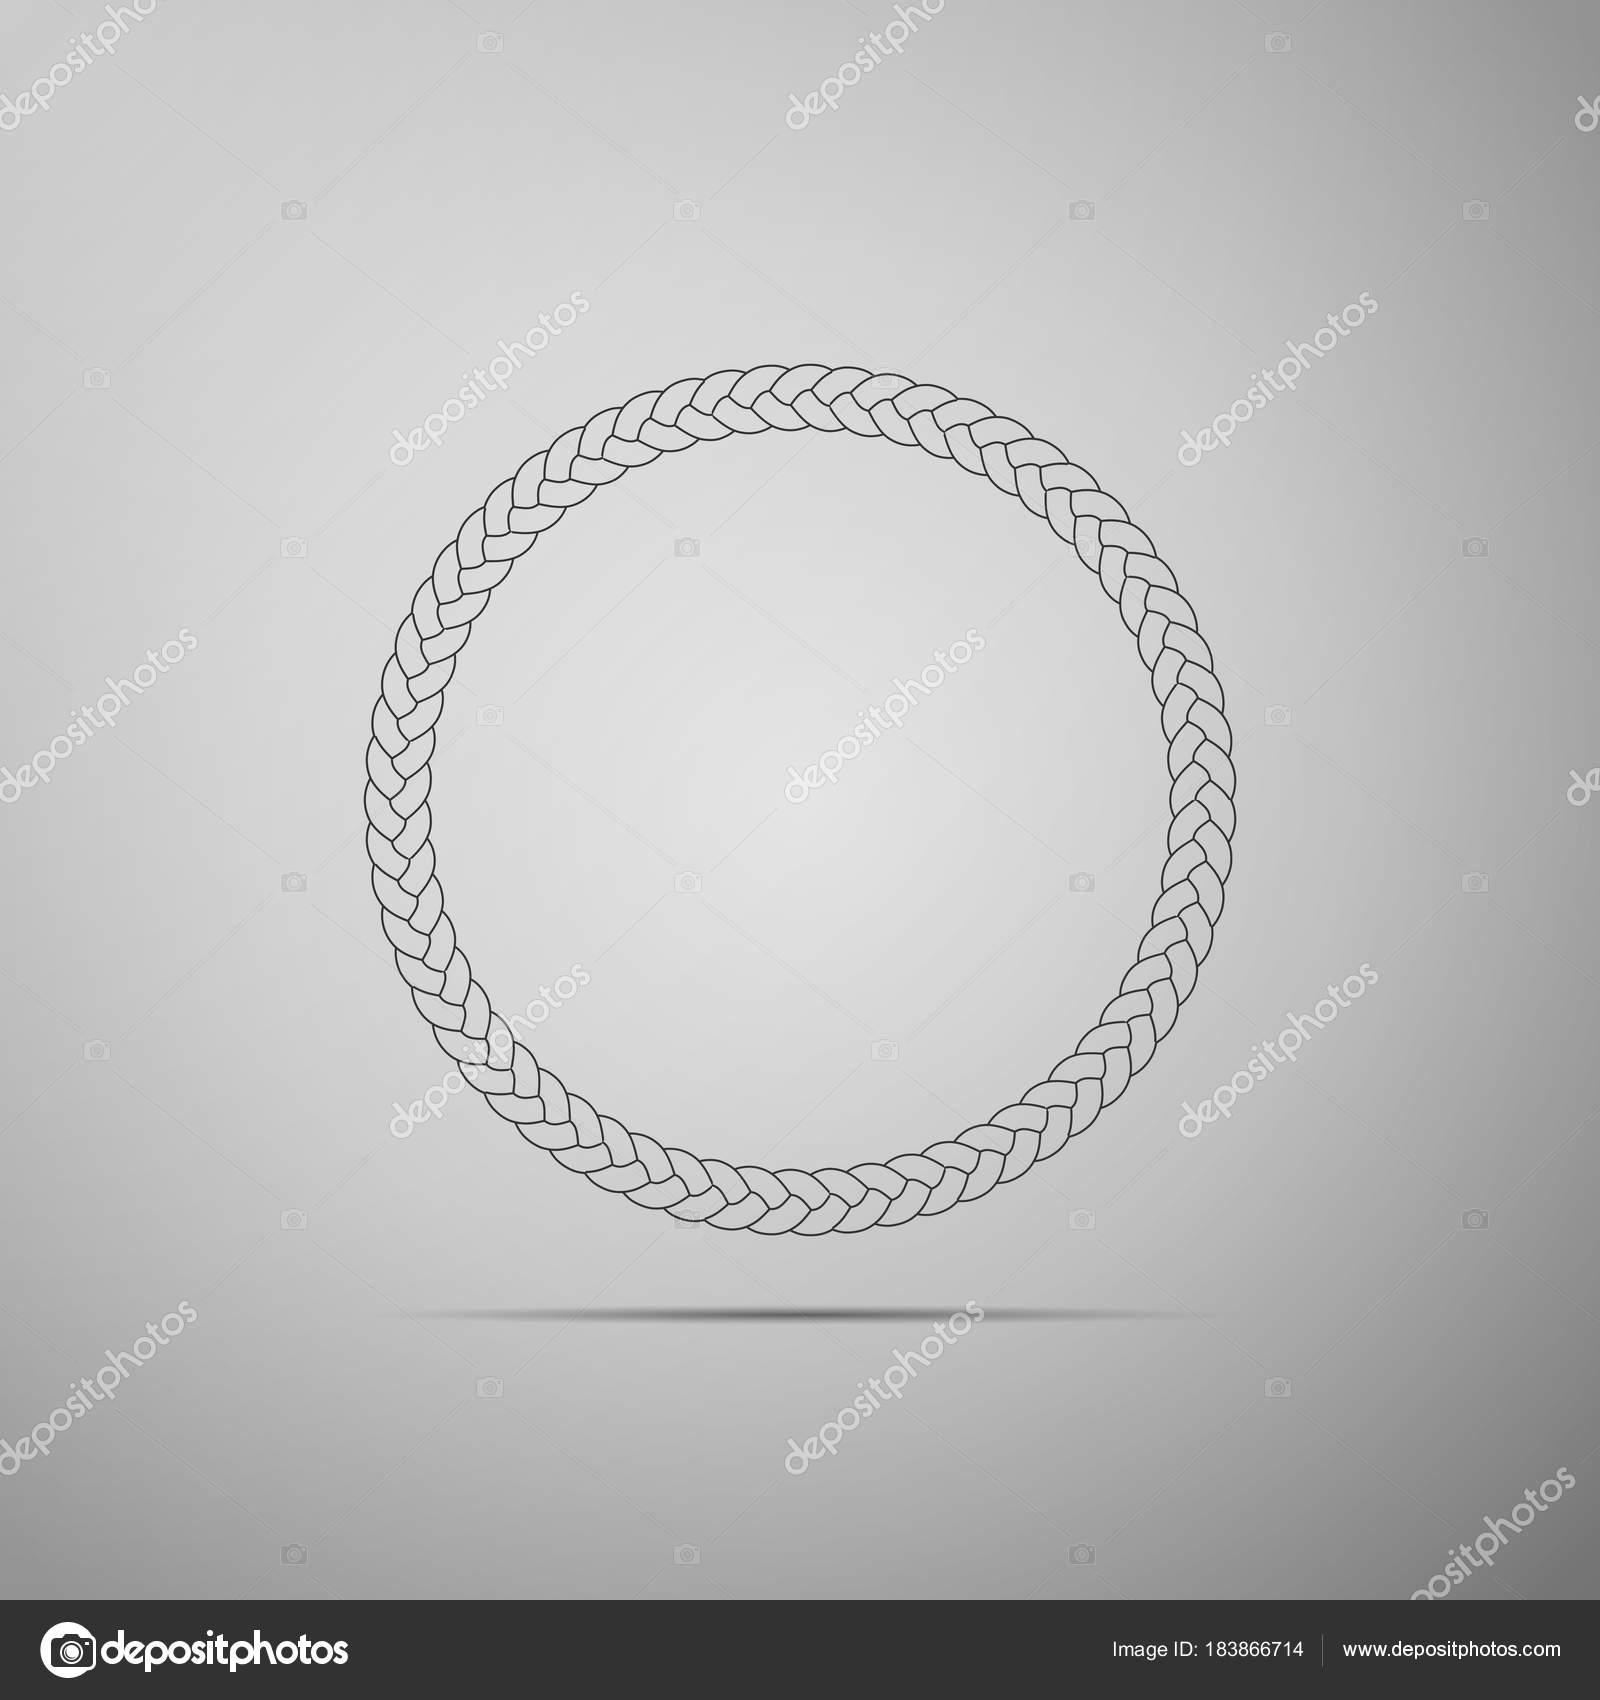 Seil-Frame-Symbol auf grauem Hintergrund isoliert. Rahmen von ...